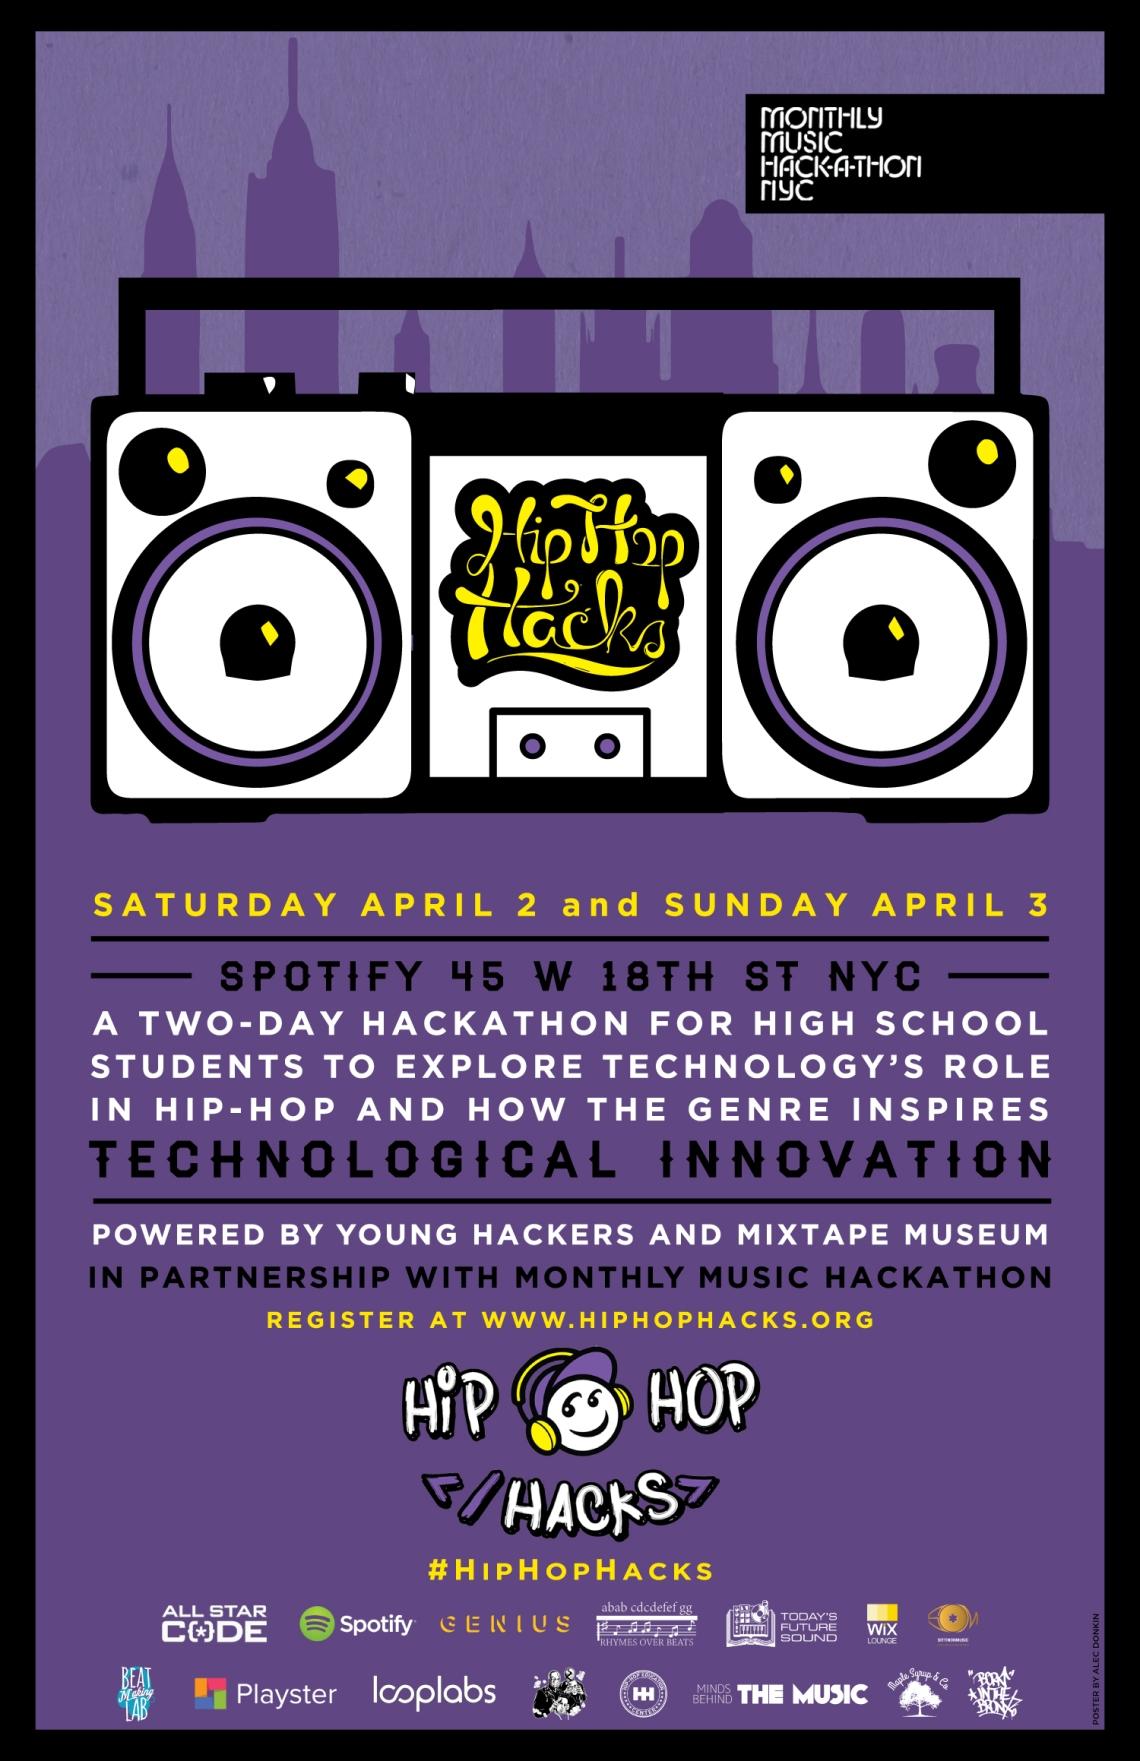 HipHop_hack_boombox_v3